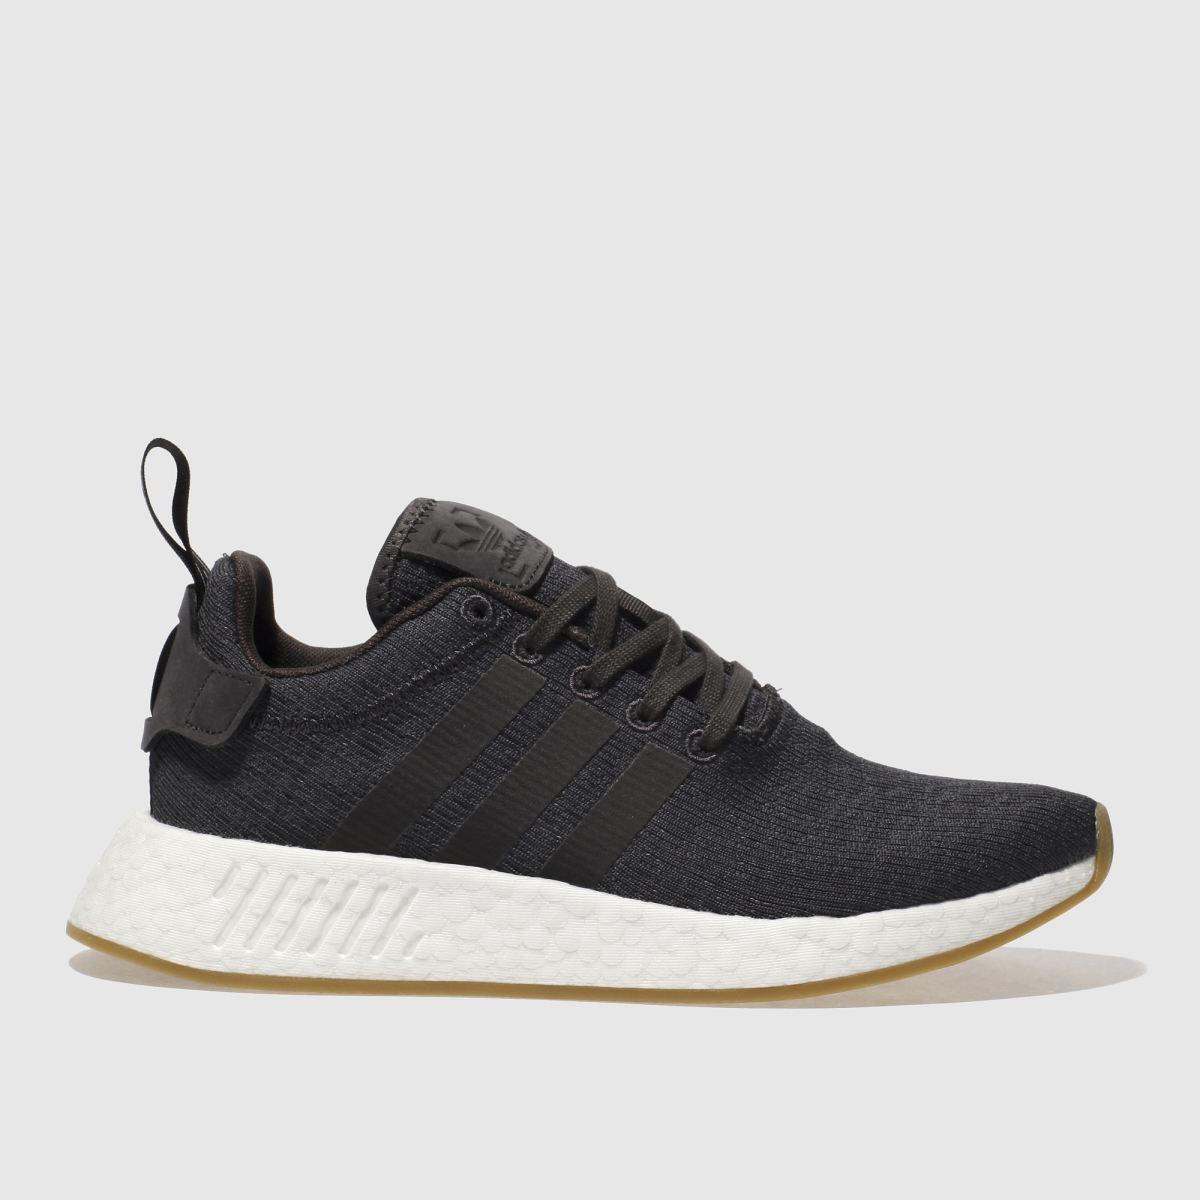 adidas dark grey nmd r2 trainers